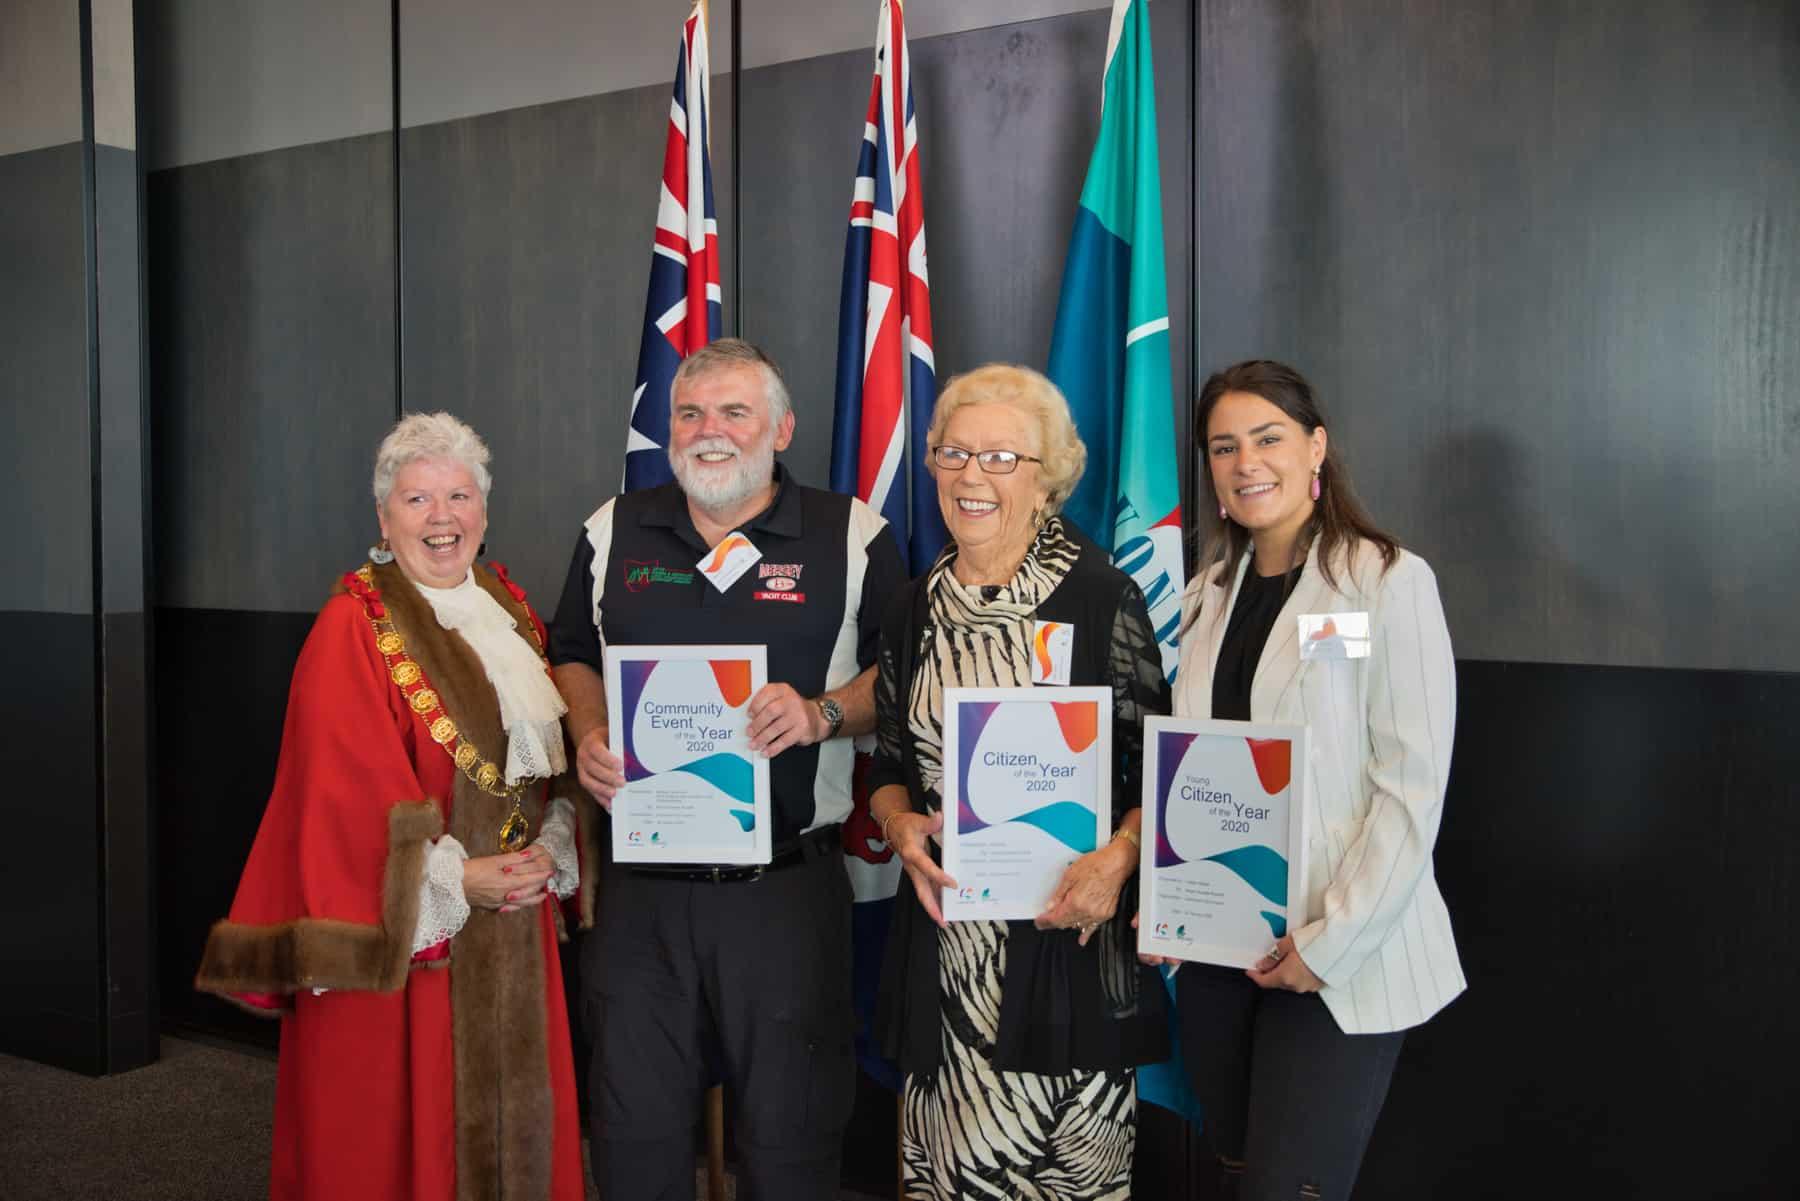 Long serving community volunteer named Devonport's Citizen of the Year